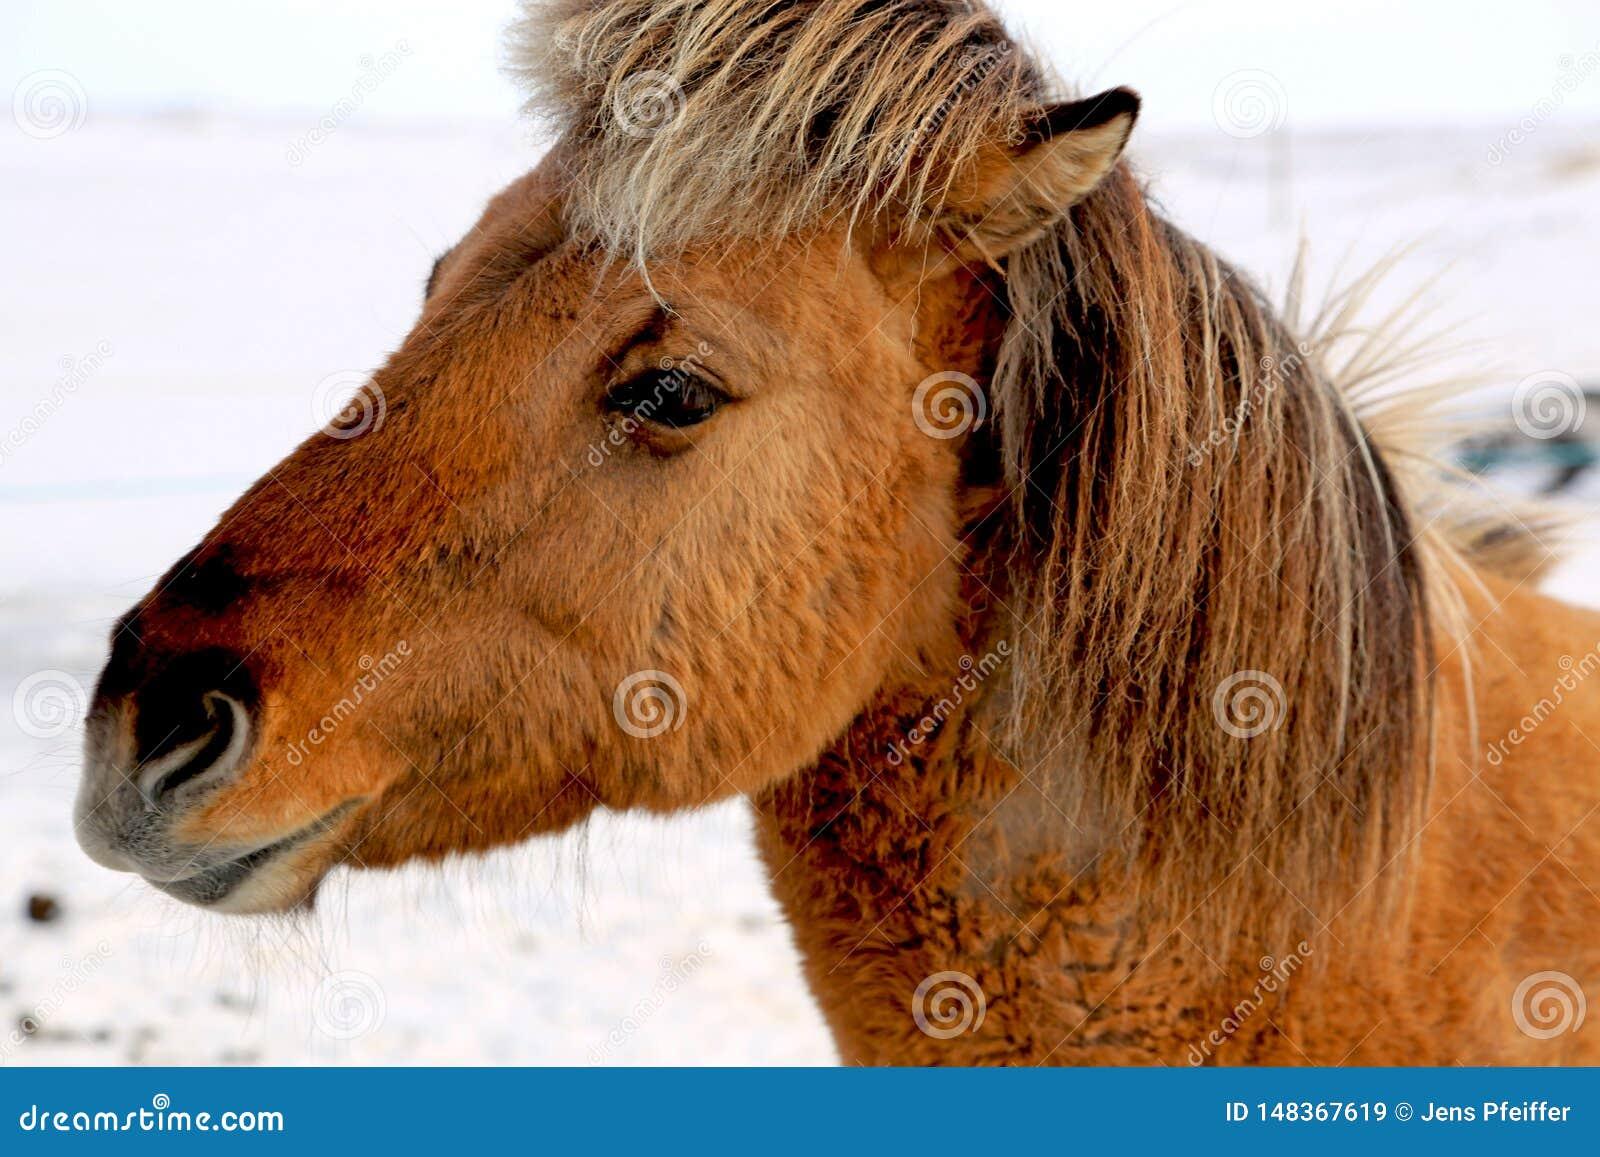 Isländisches Pferd Browns im Winter